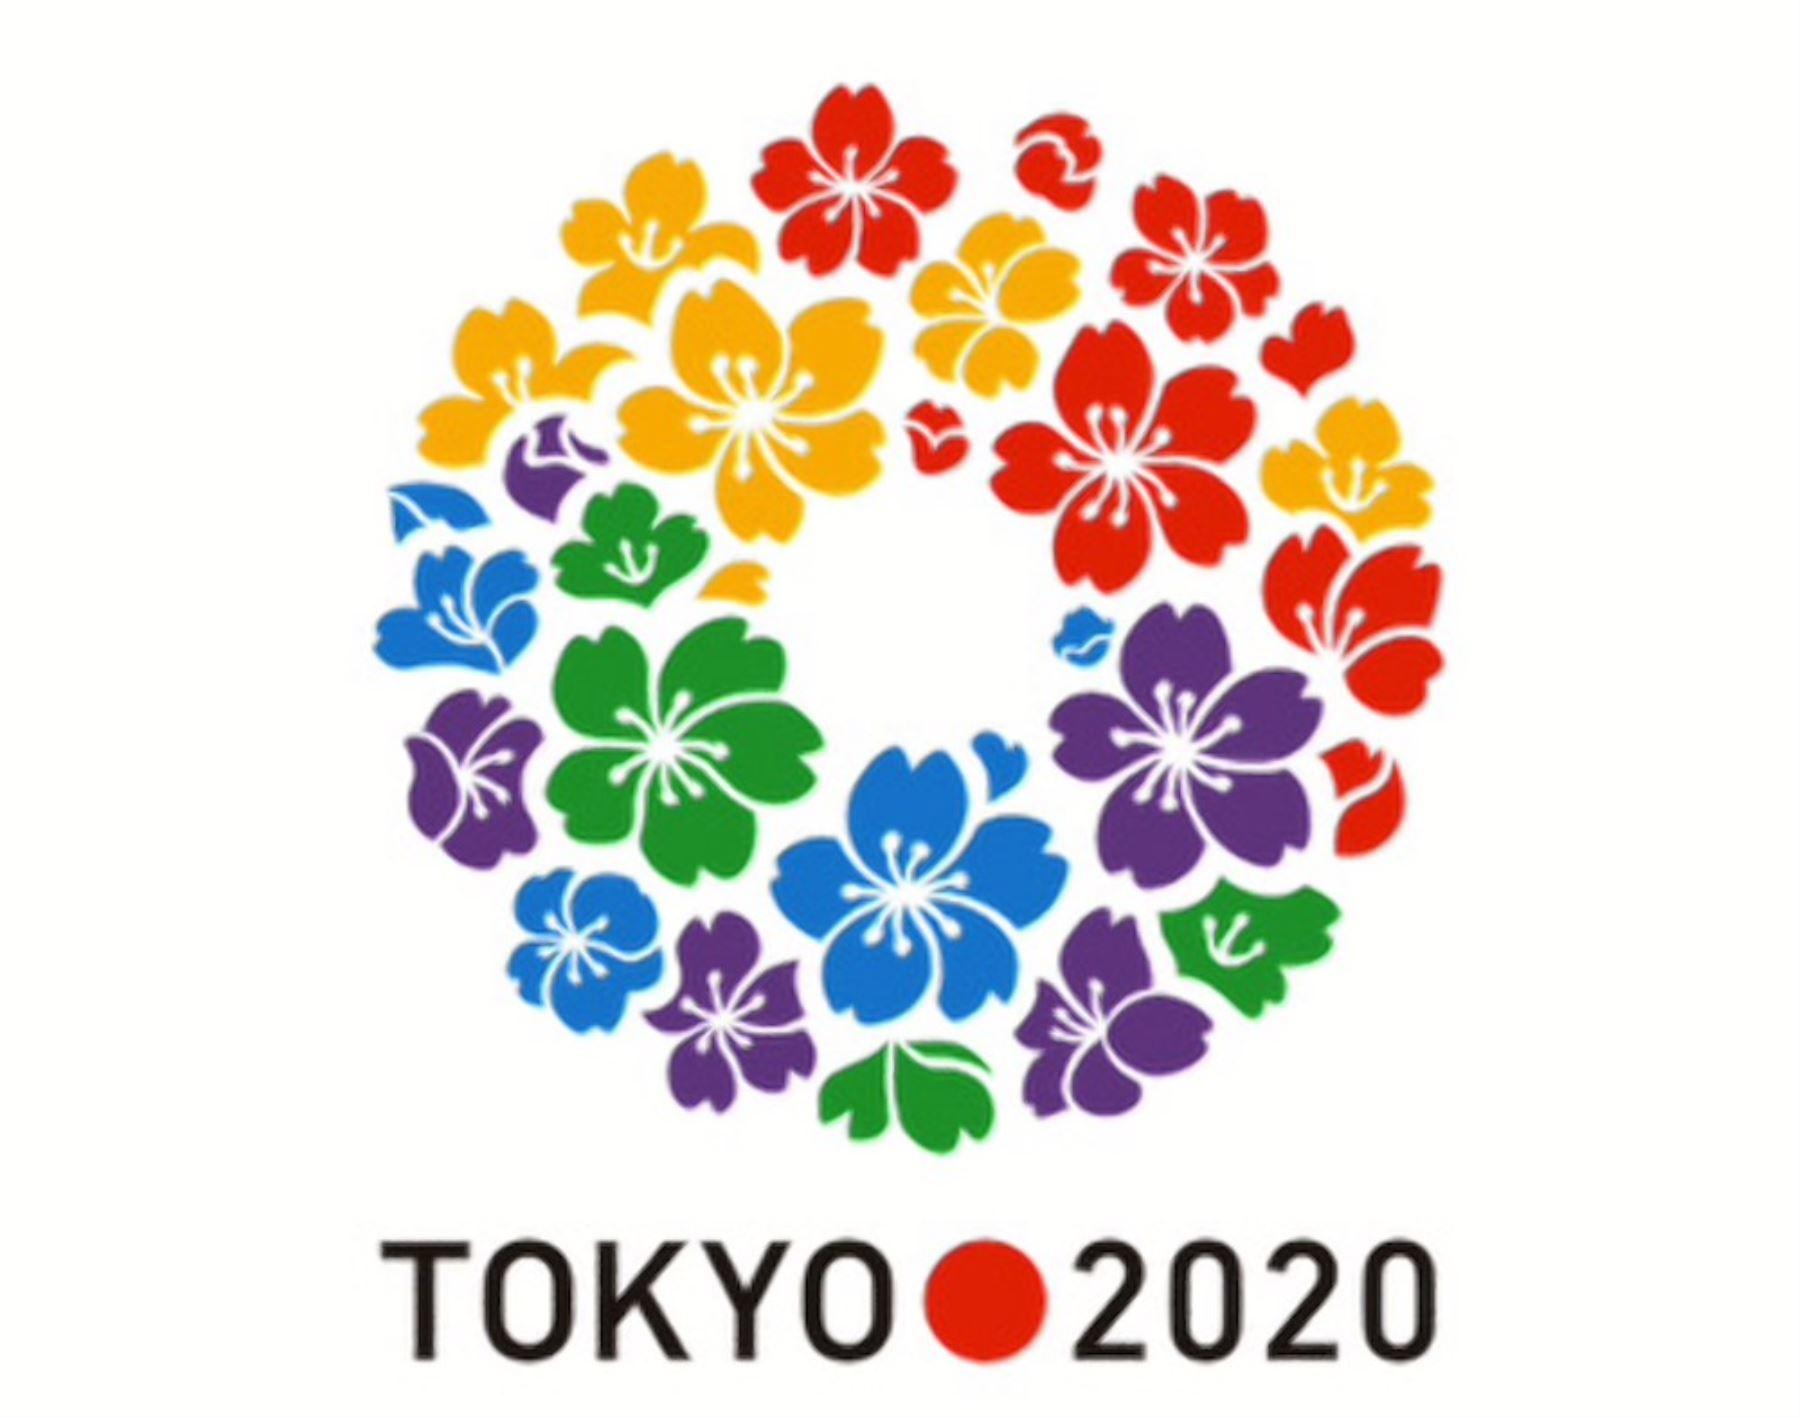 El Coi Valida El Calendario De Los Juegos Olimpicos De Tokio 2020